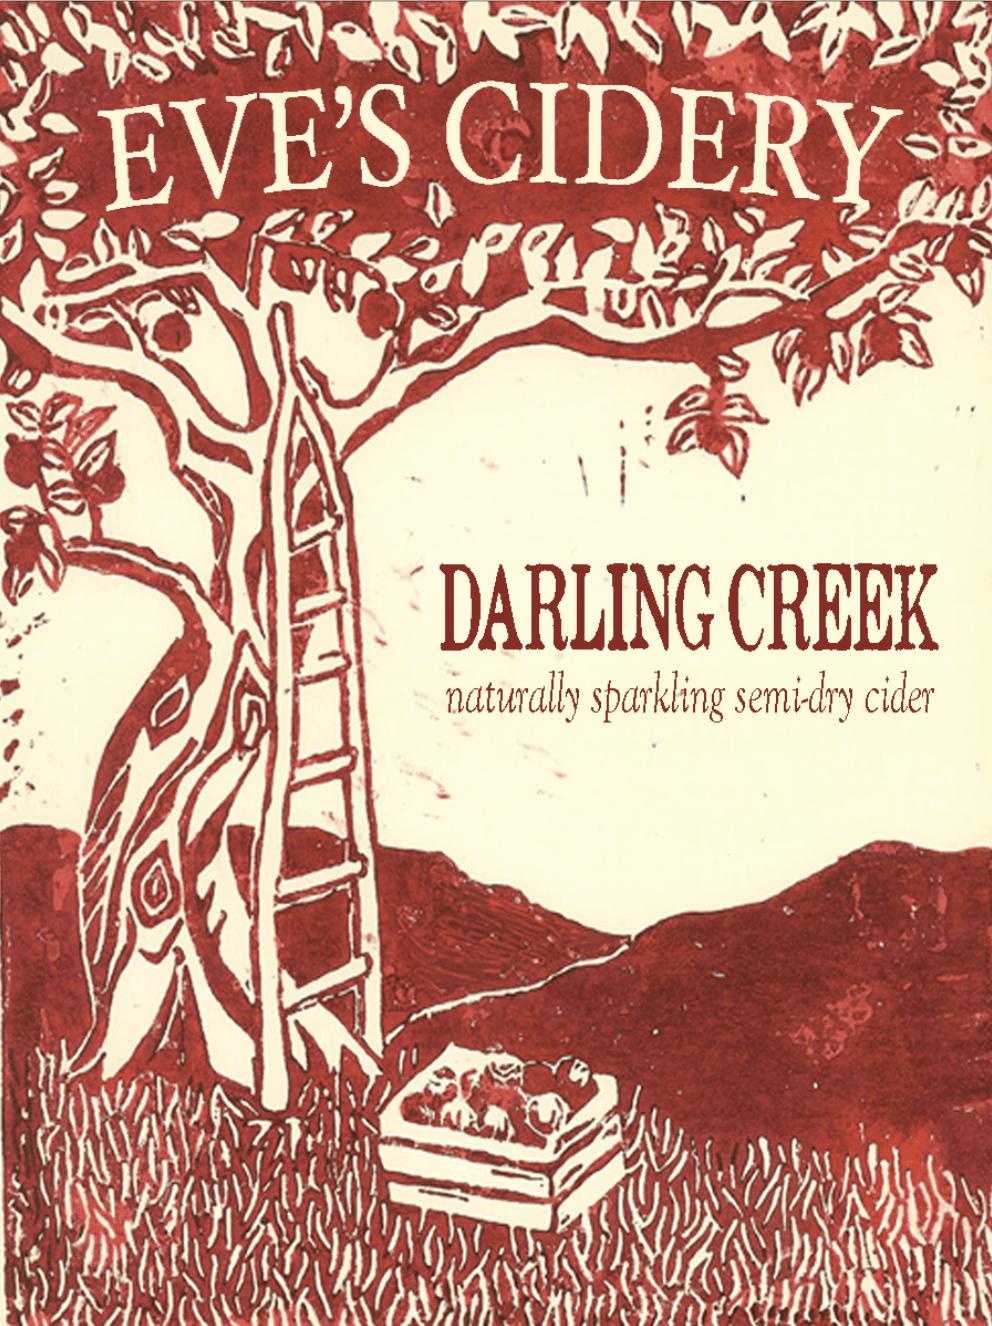 Darling Creek